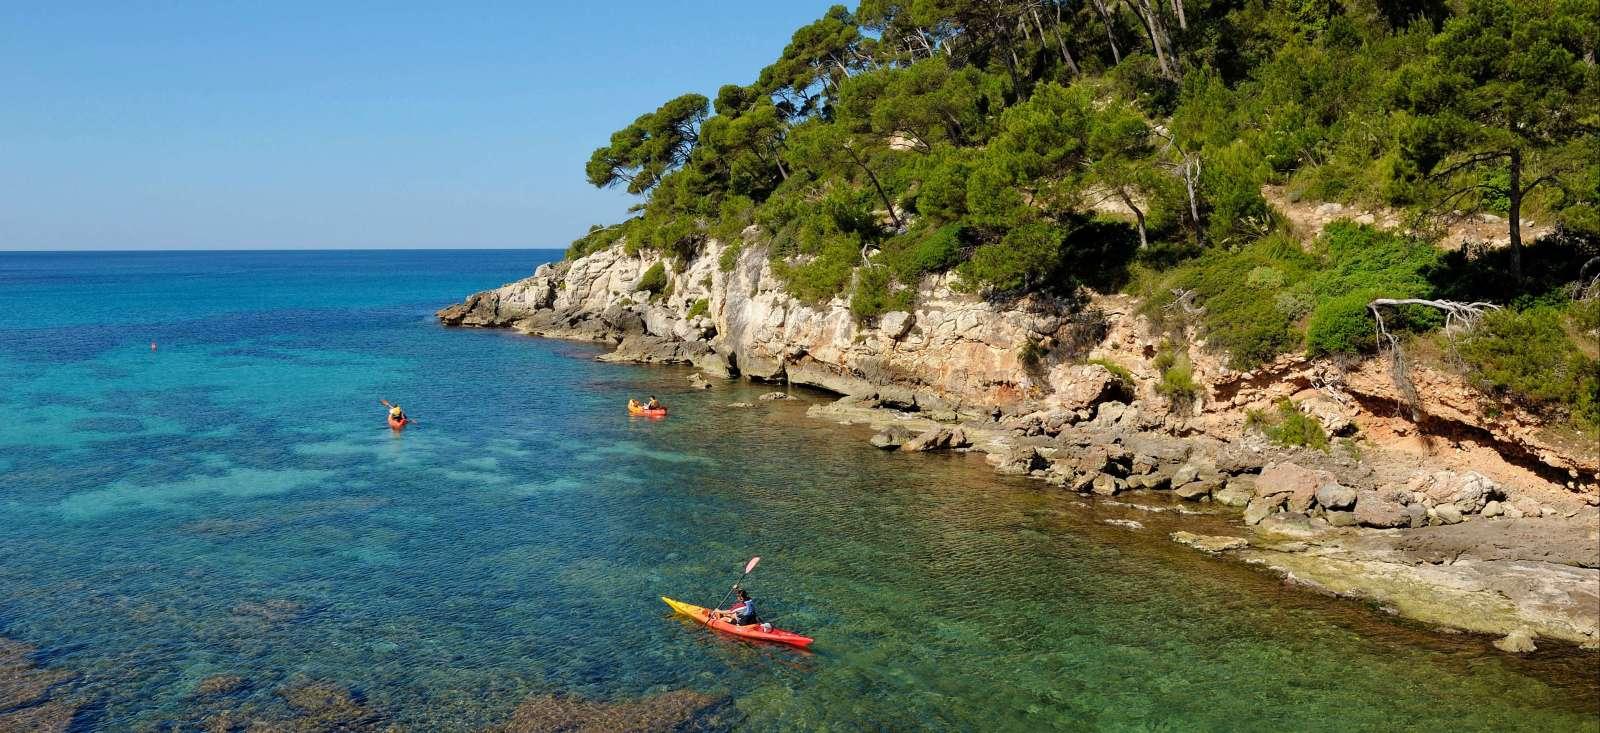 Voyage à pied Espagne : Tour de Minorque en kayak de mer